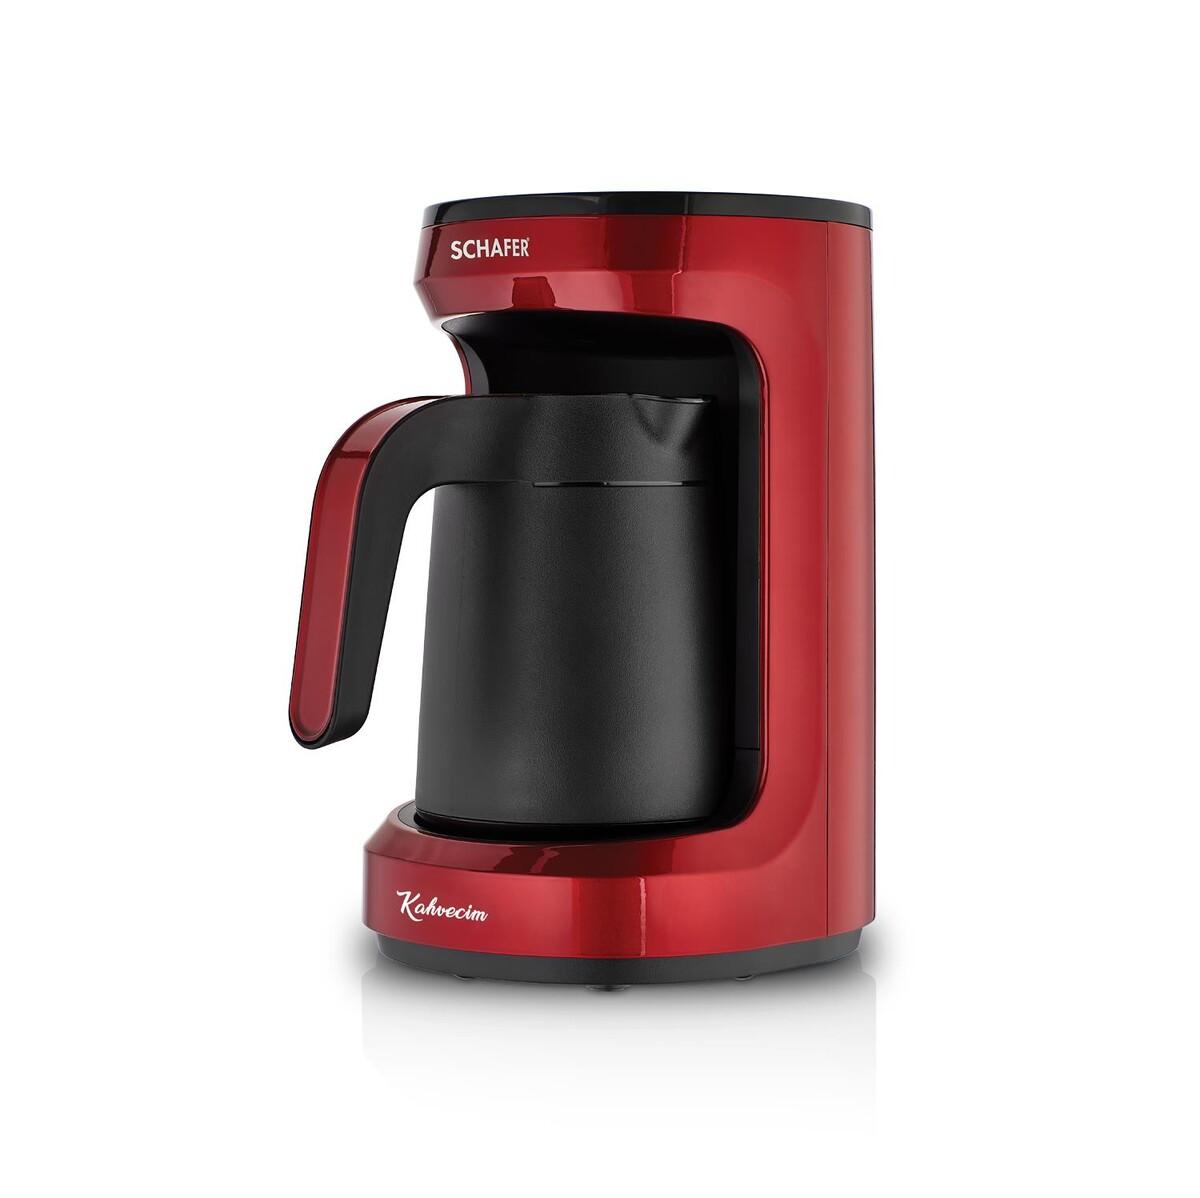 Schafer Kahvecim Kahve Makinesi Kırmızı